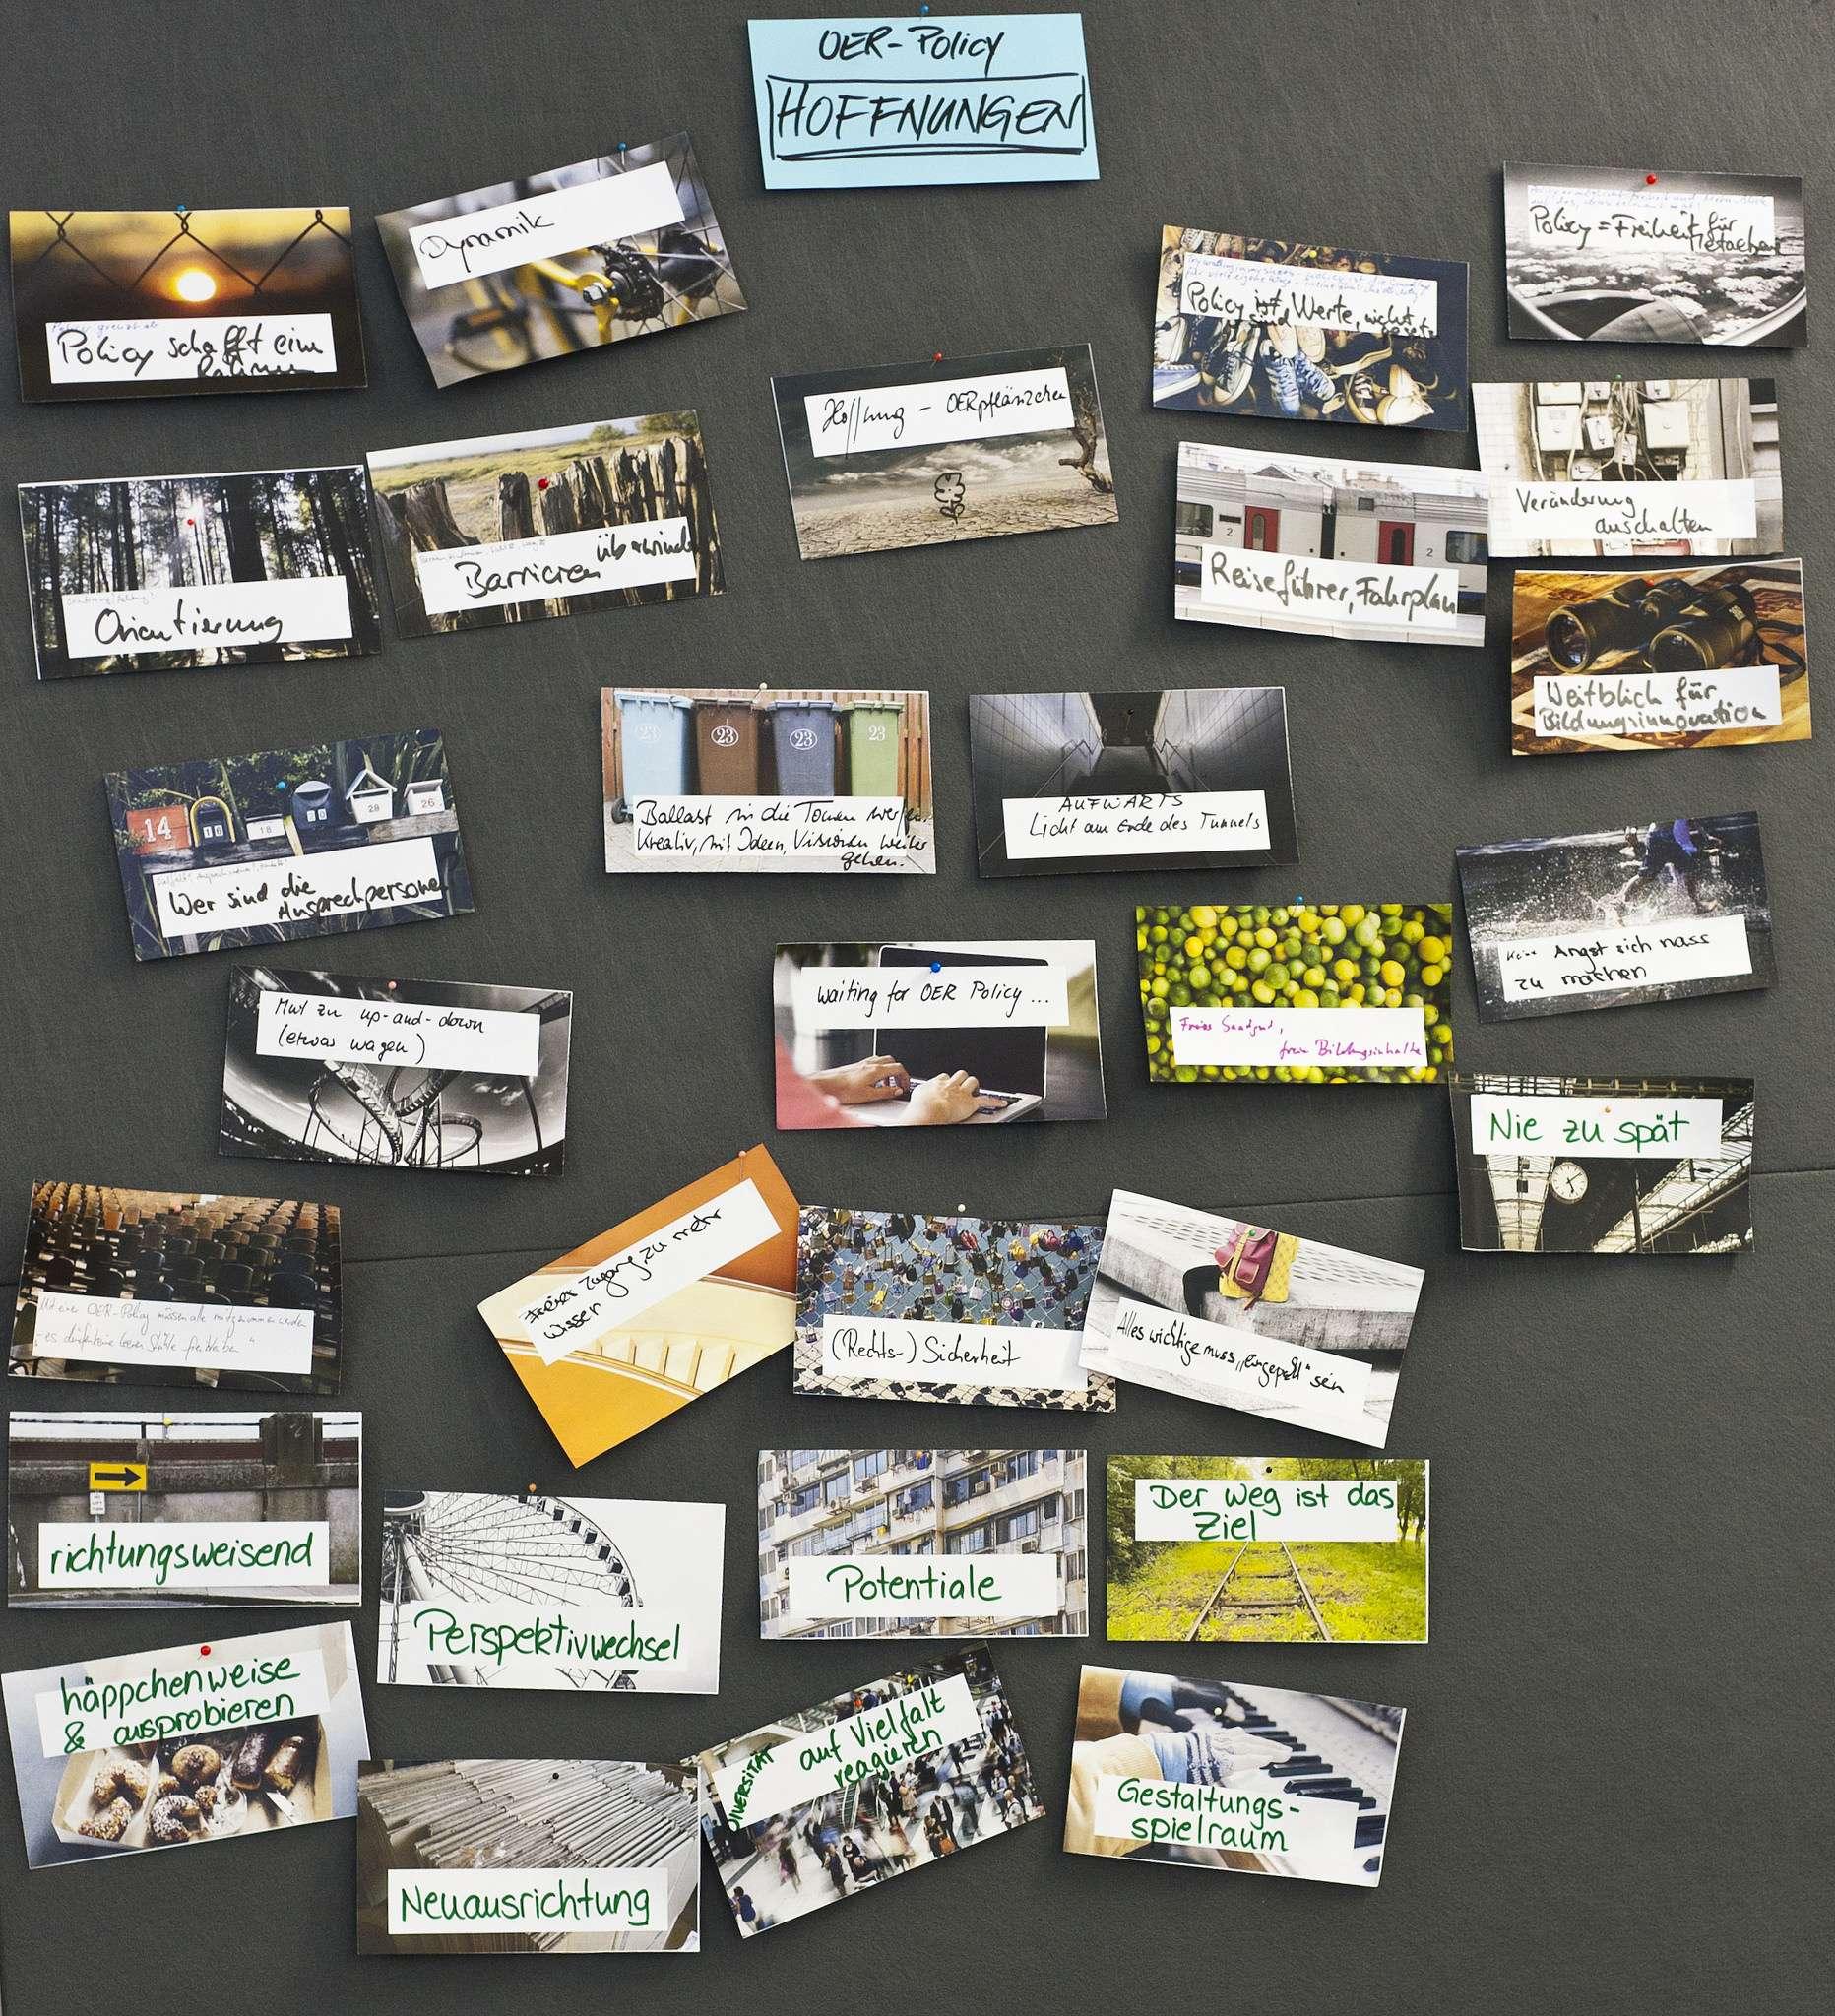 """Das Bild zeigt eine Metaplanwand mit sehr vielen Bildern, die assoziativ OER zugeordnet wurden. So zum Beispiel ein Zaun, der mit """"Policy schafft einen Rahmen"""" assoziiert wurde."""